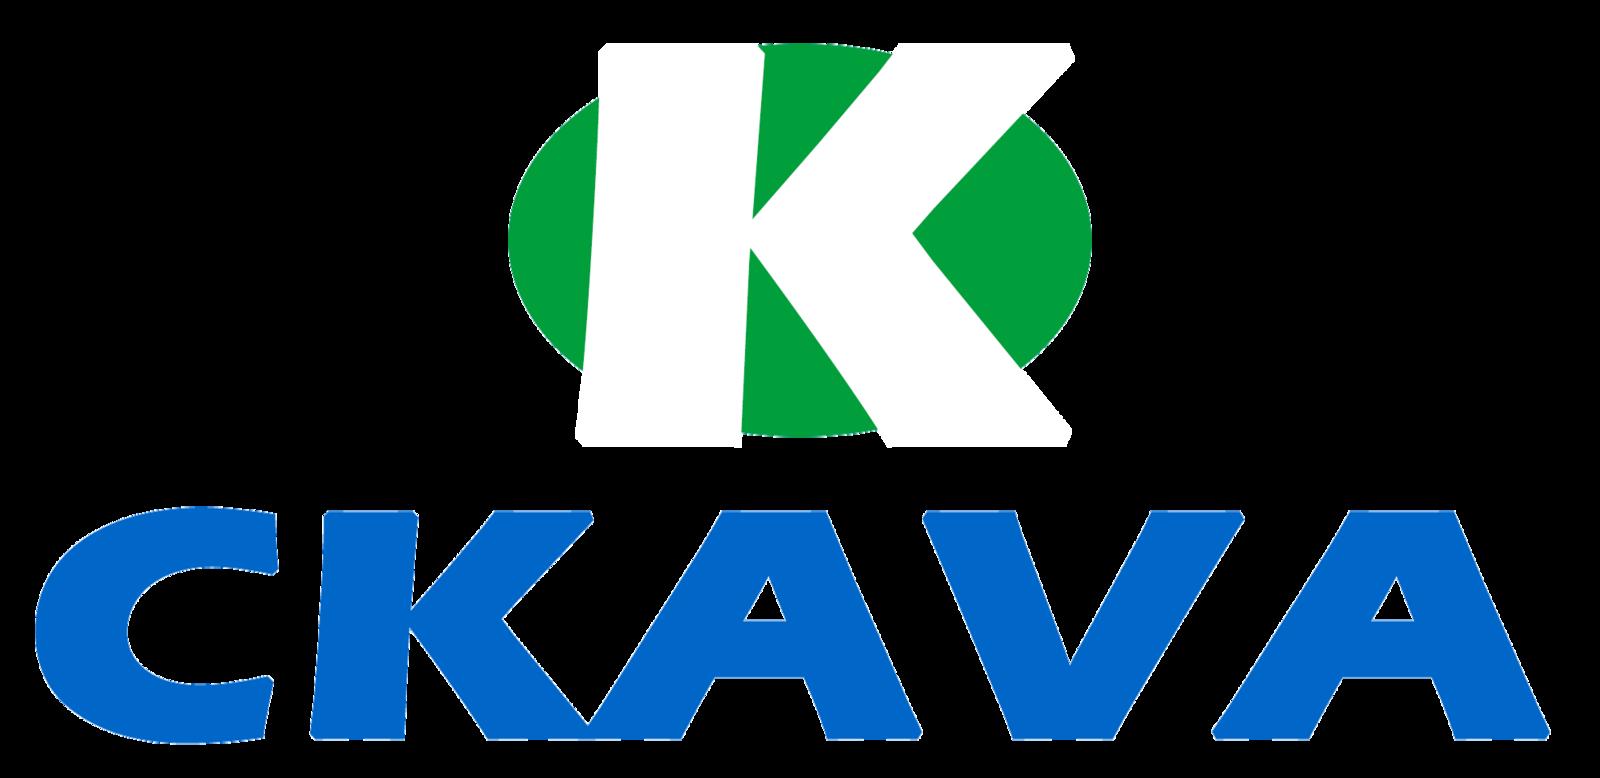 CKAVA . Com Domain Name For Sale 5 Letter Pronounceable Brandable Memorable